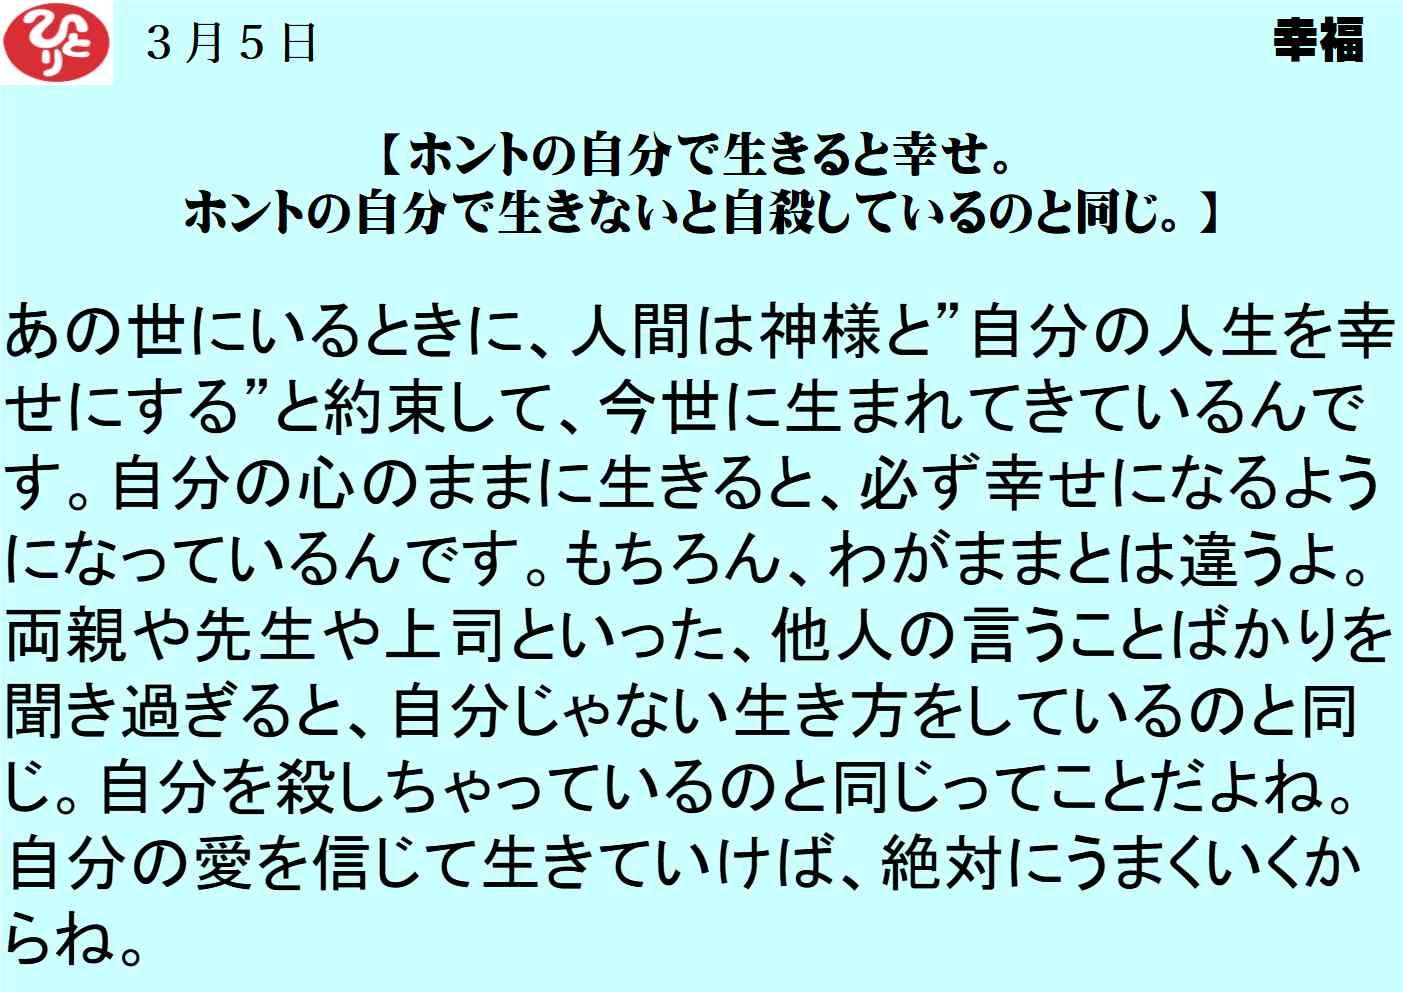 3月5日 ホントの自分で生きると幸せ。ホントの自分で生きないと自殺しているのと同じ。 一日一語斎藤一人 幸福